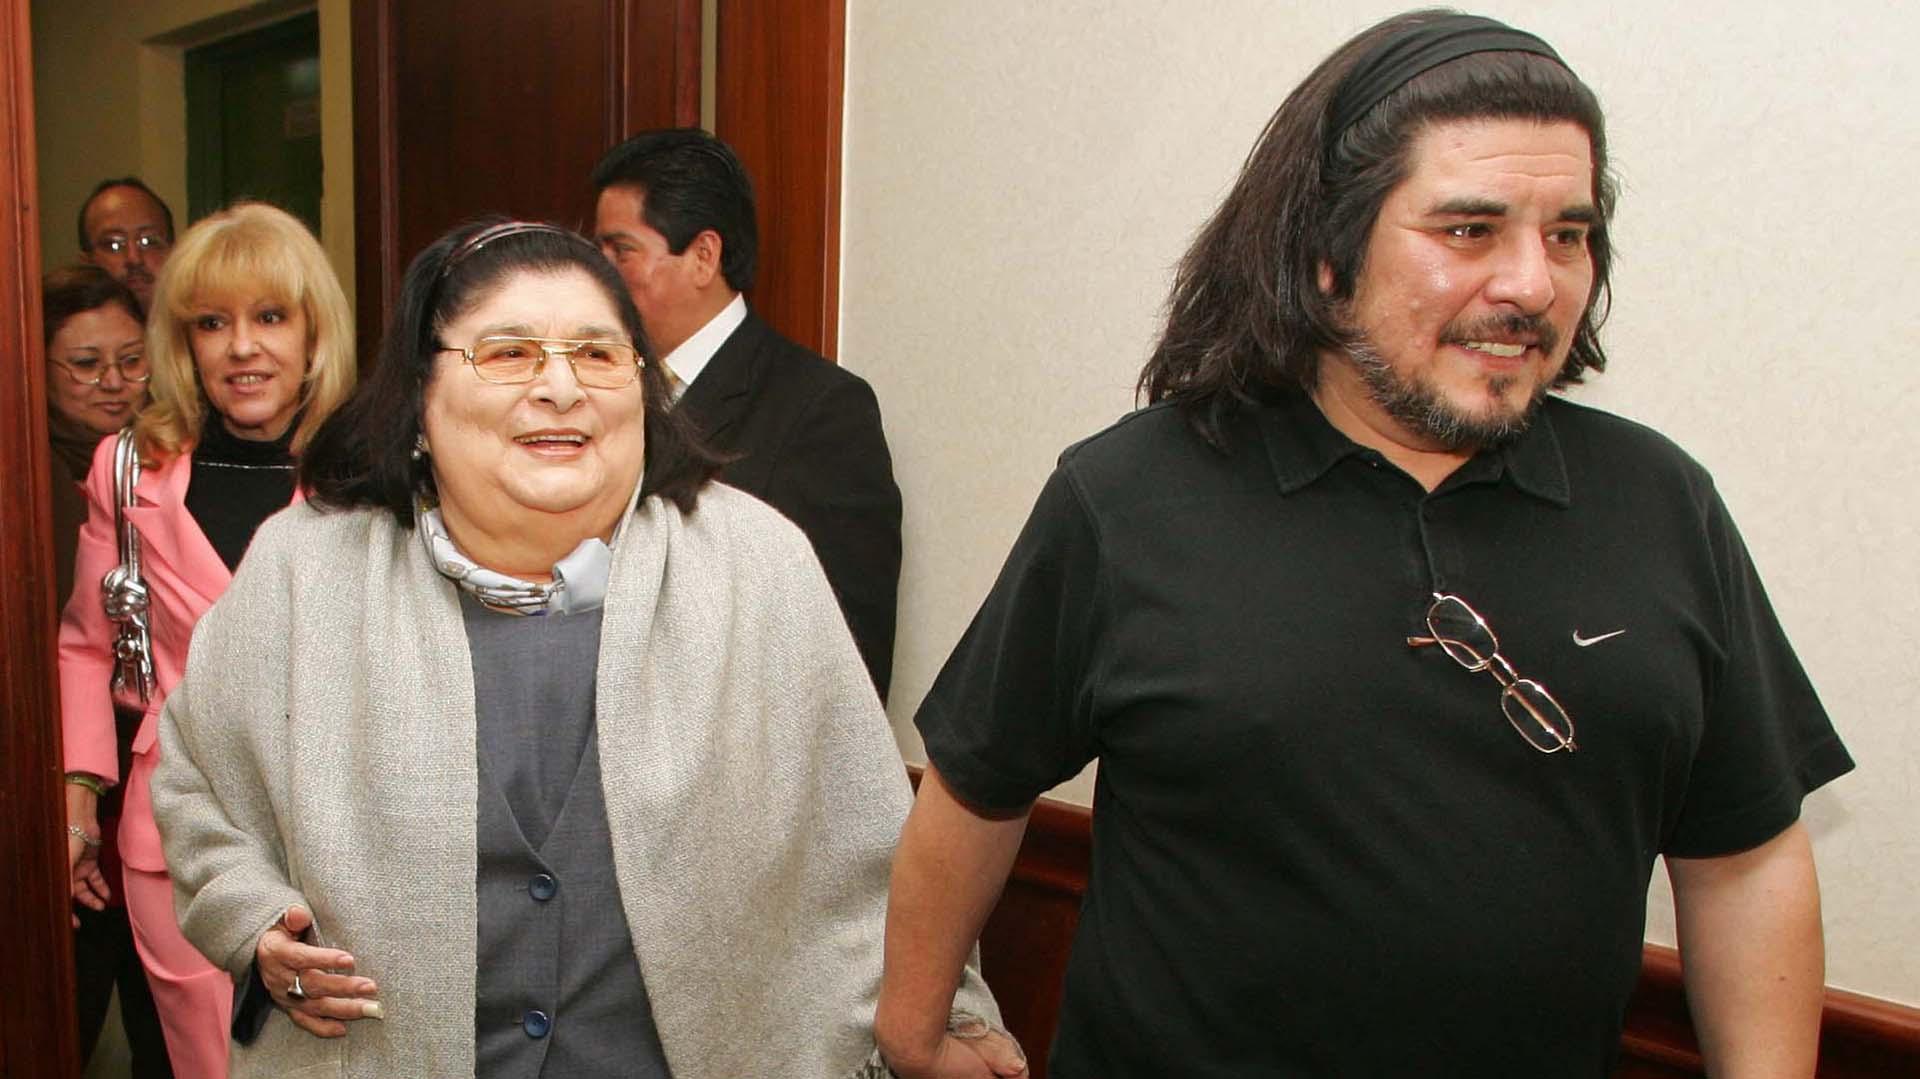 En 2010, sufrió un infarto y debió ser operado en el Sanatorio de La Trinidad. A partir de ese momento, atravesó por varias complicaciones en su salud (NA)